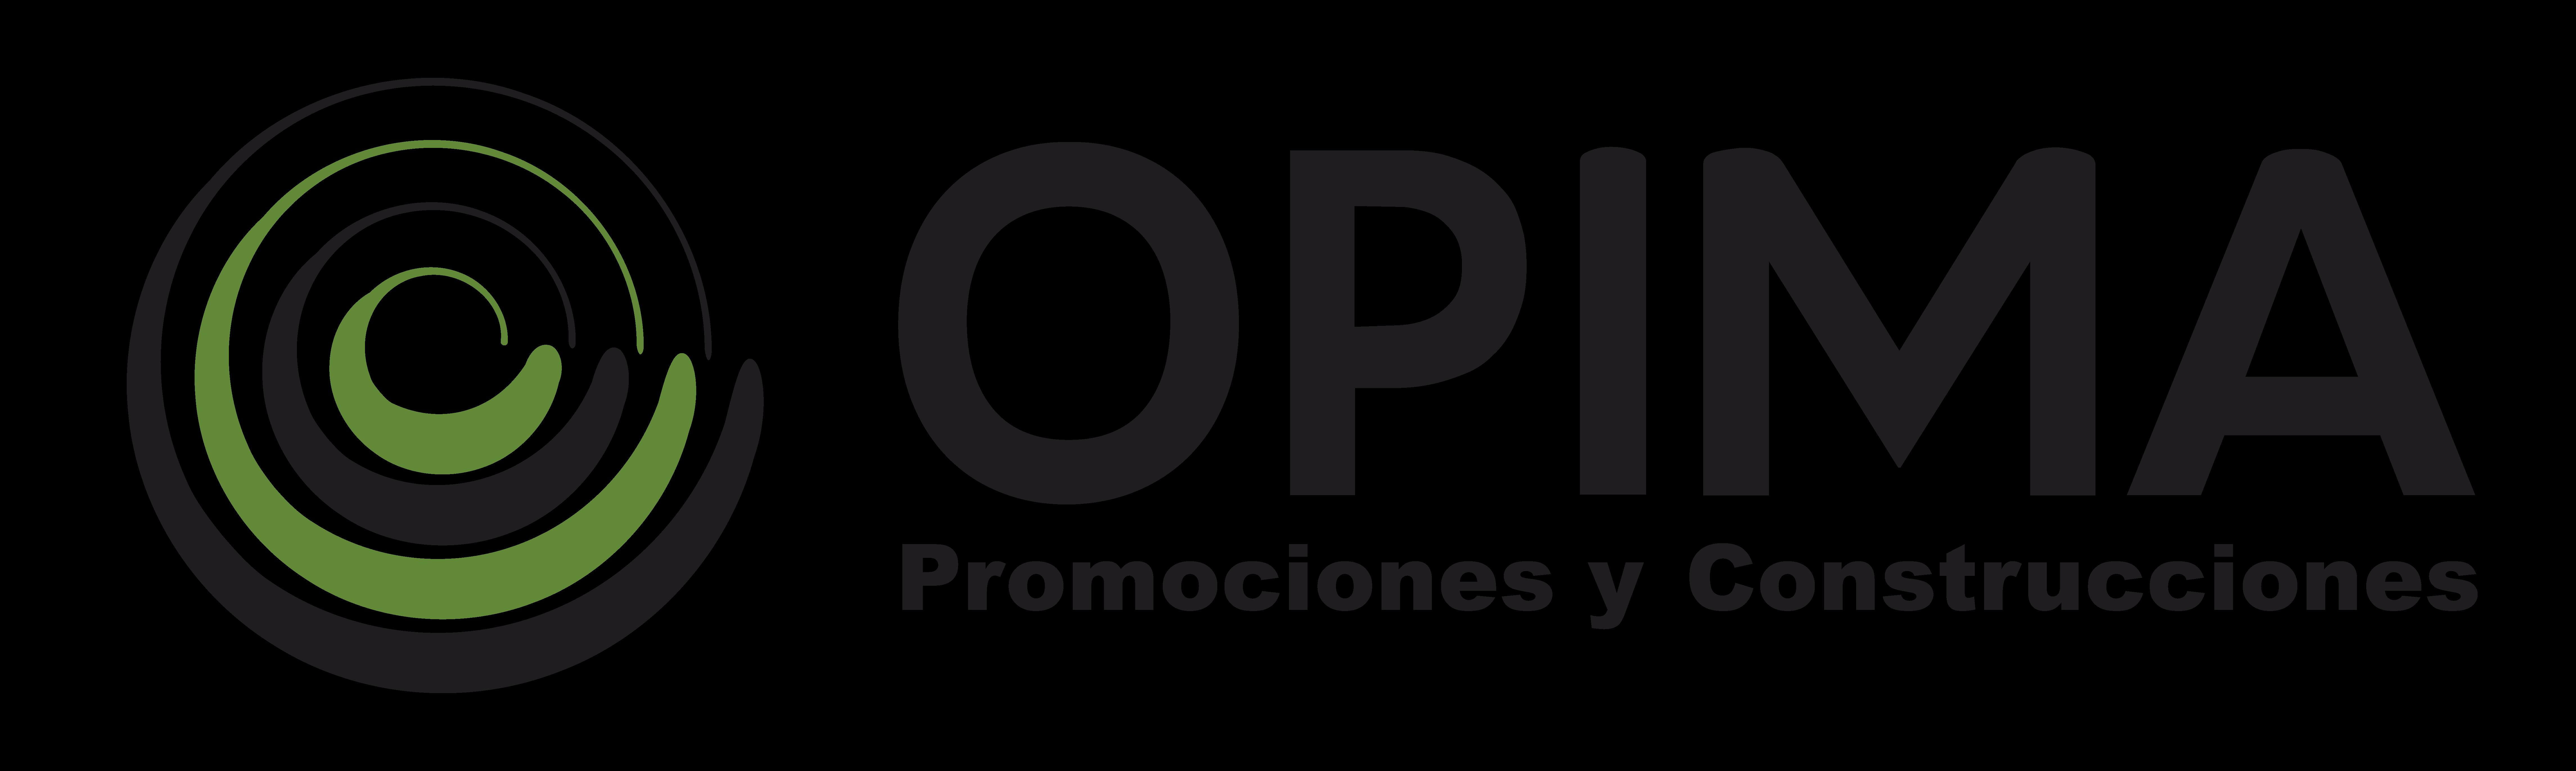 Promotora y Constructora en Alcalá de Guadaíra